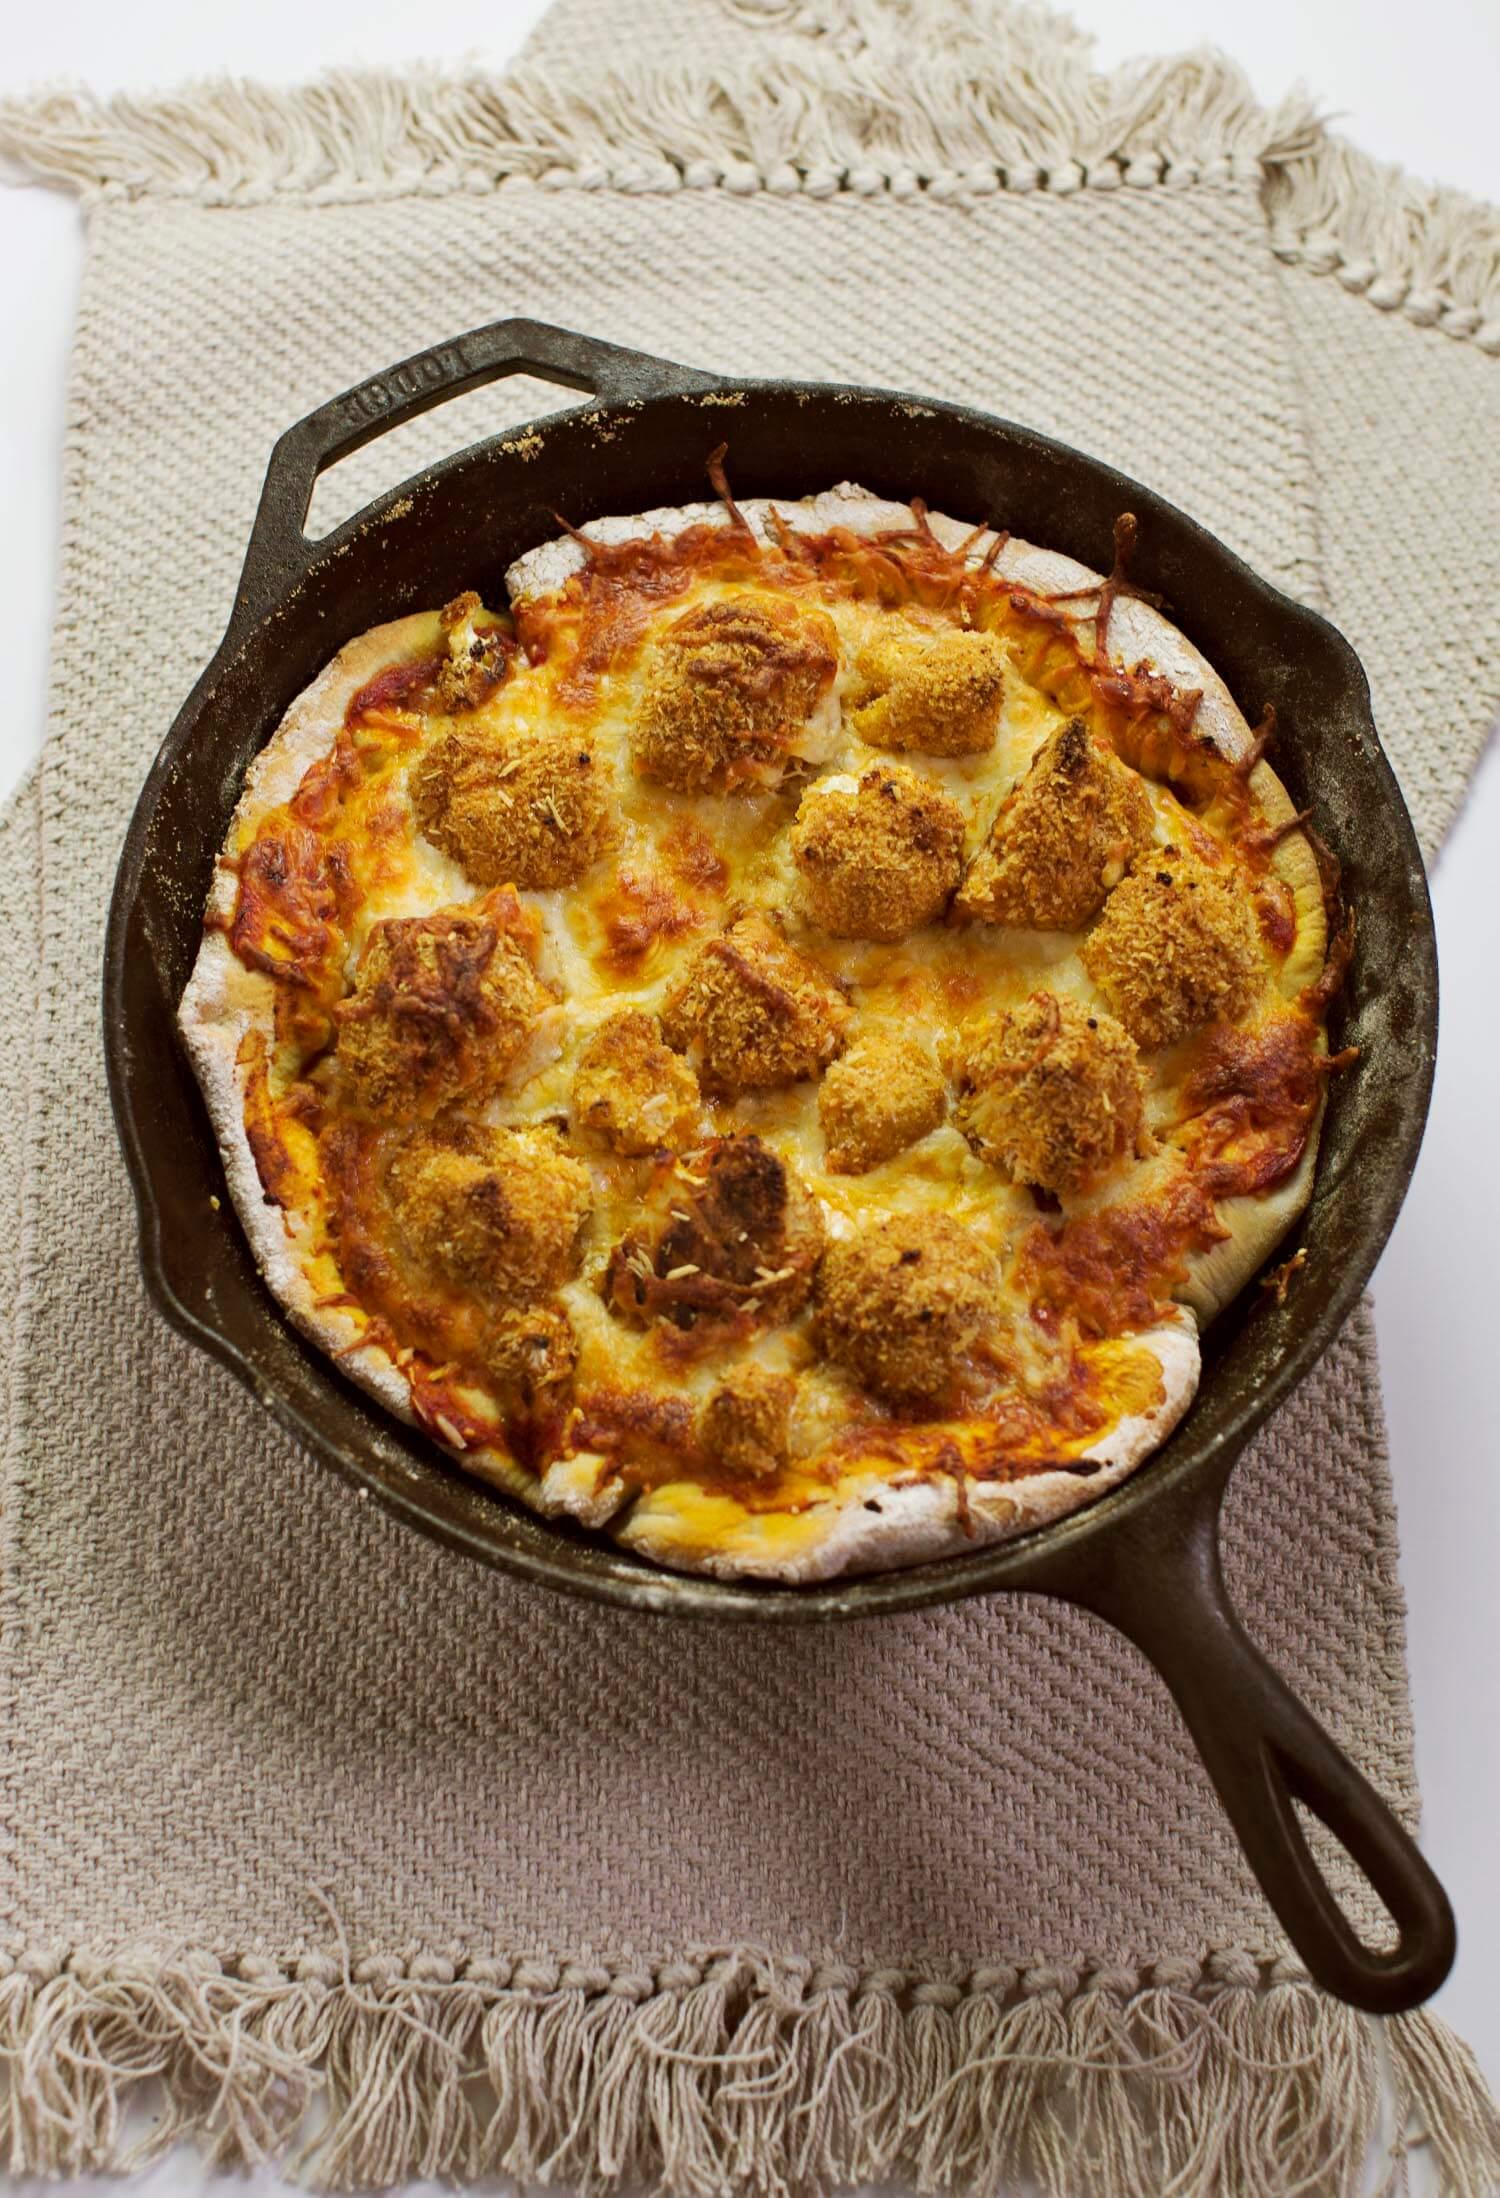 Nashville hot chicken caulifower recipe